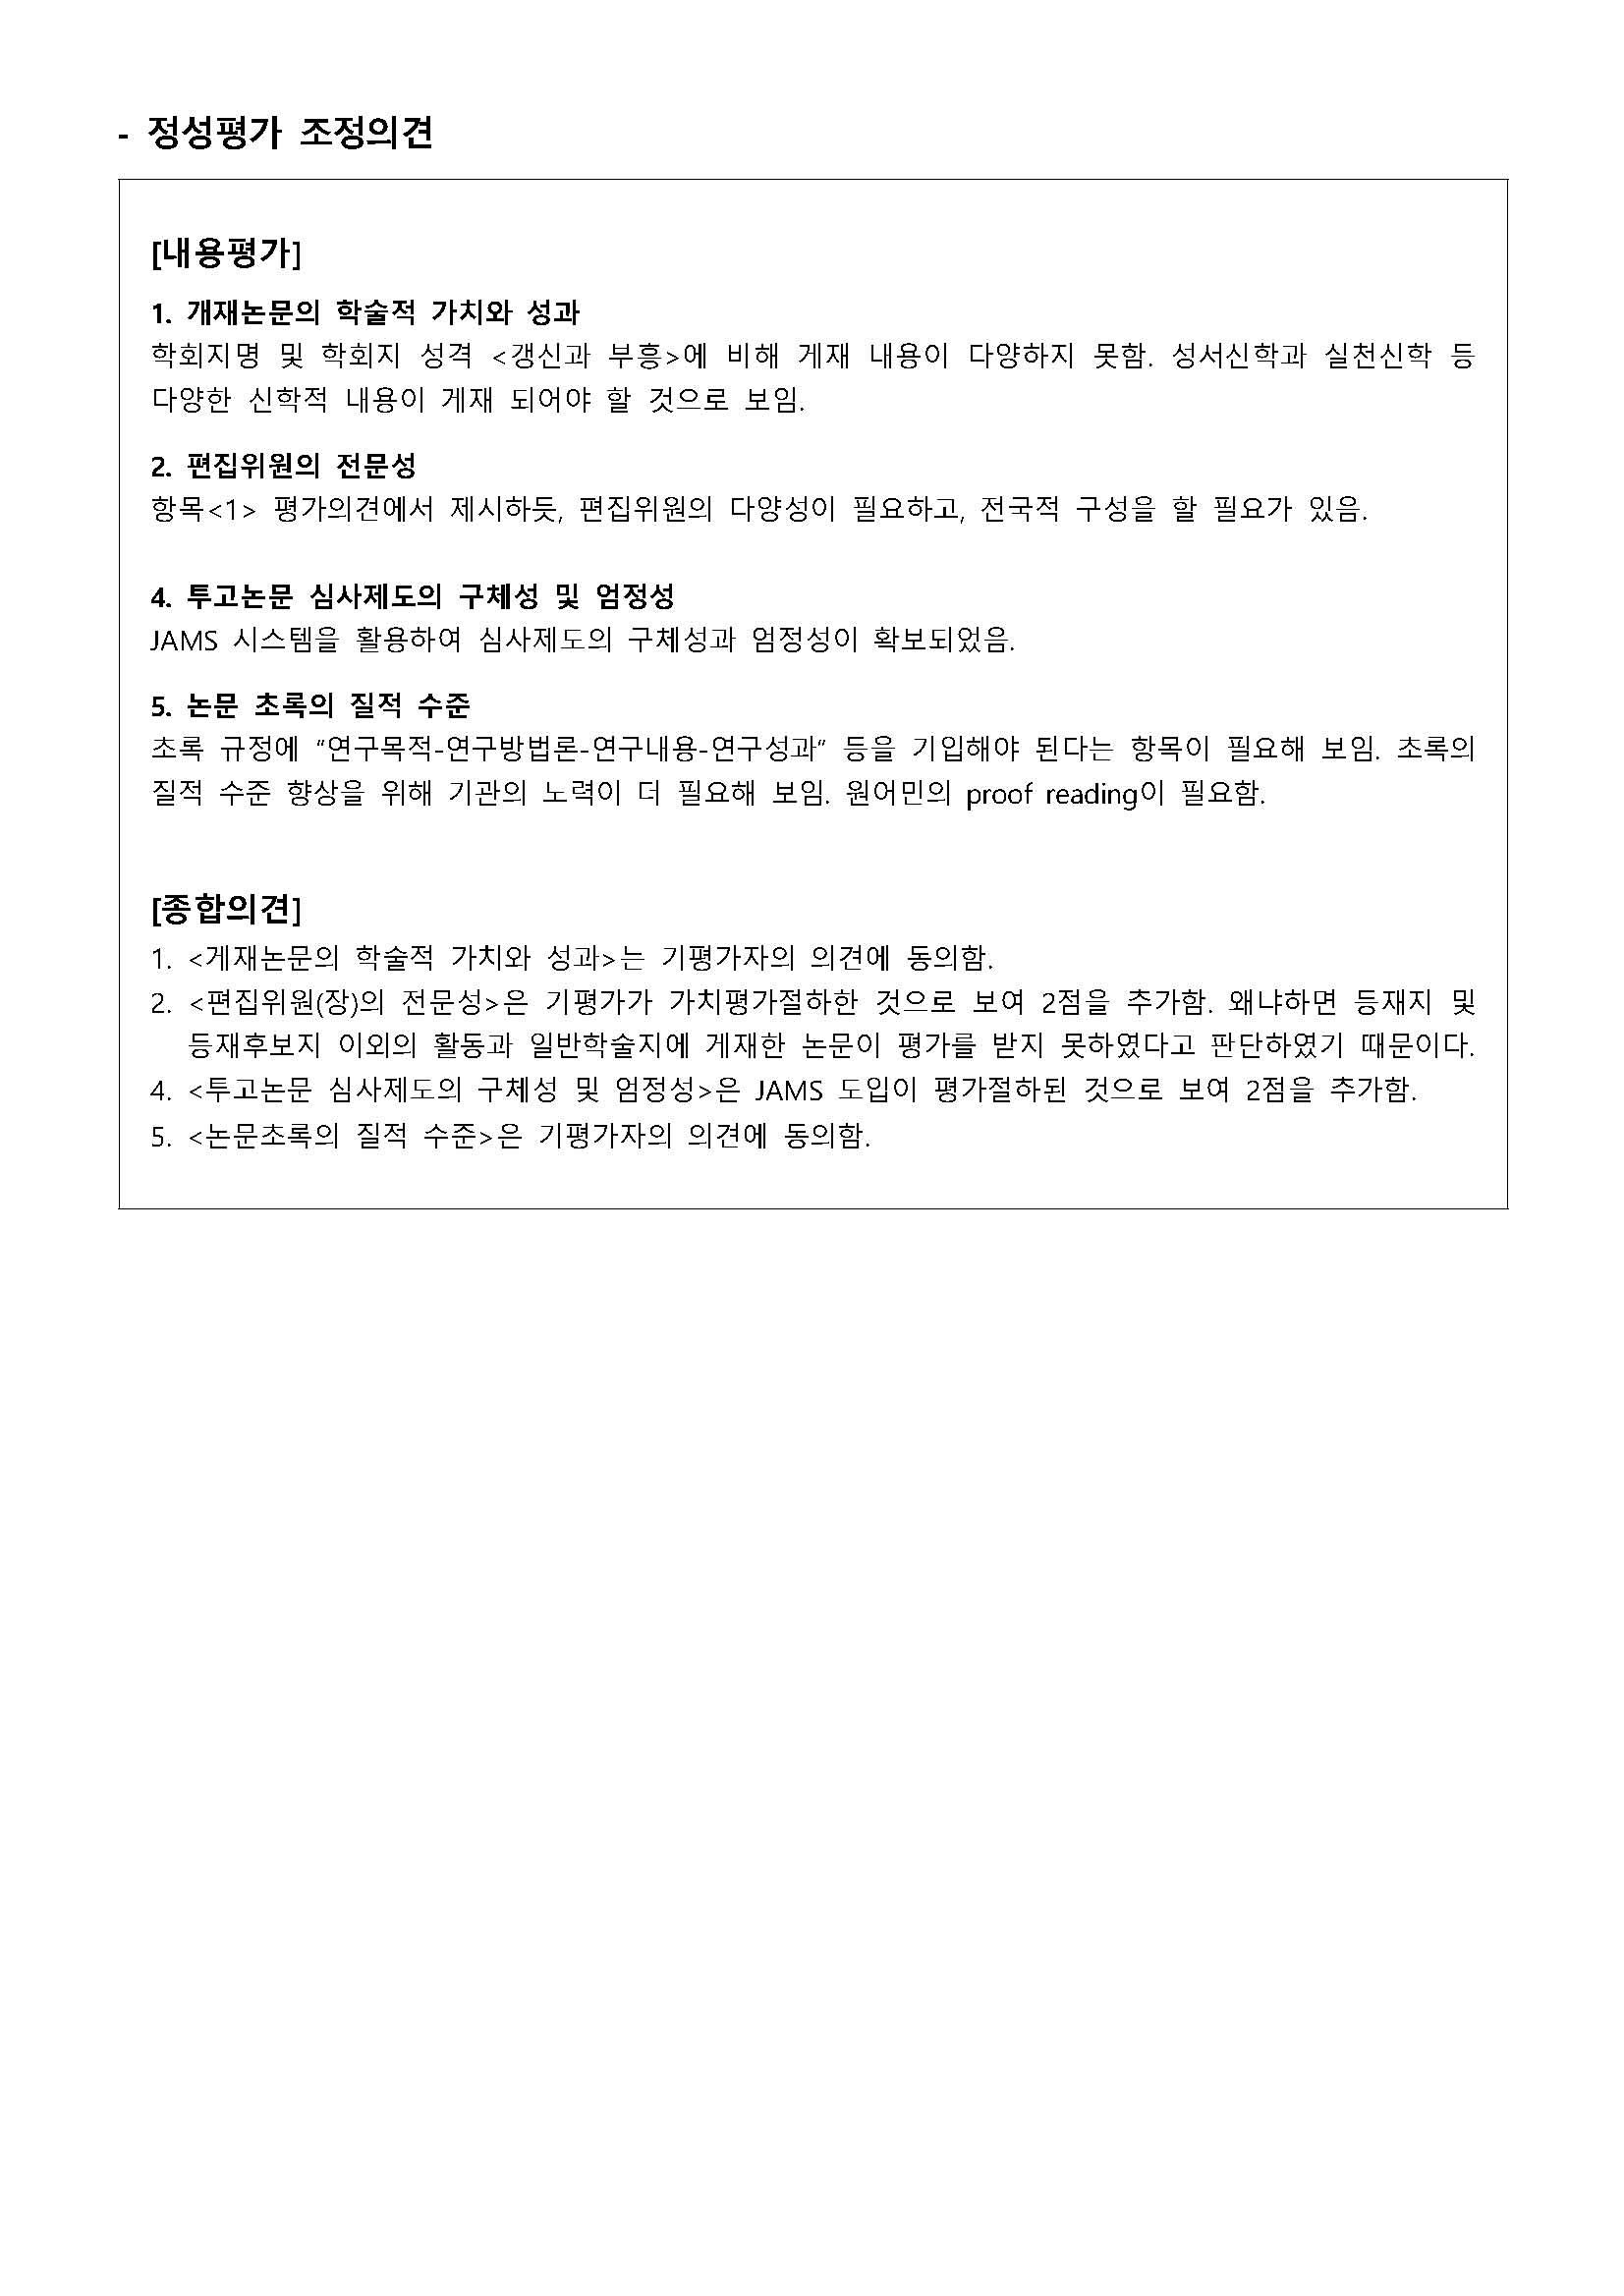 2018년도 학술지평가 이의신청 결과(고신대학교 개혁주의학술원)_Page_2.jpg